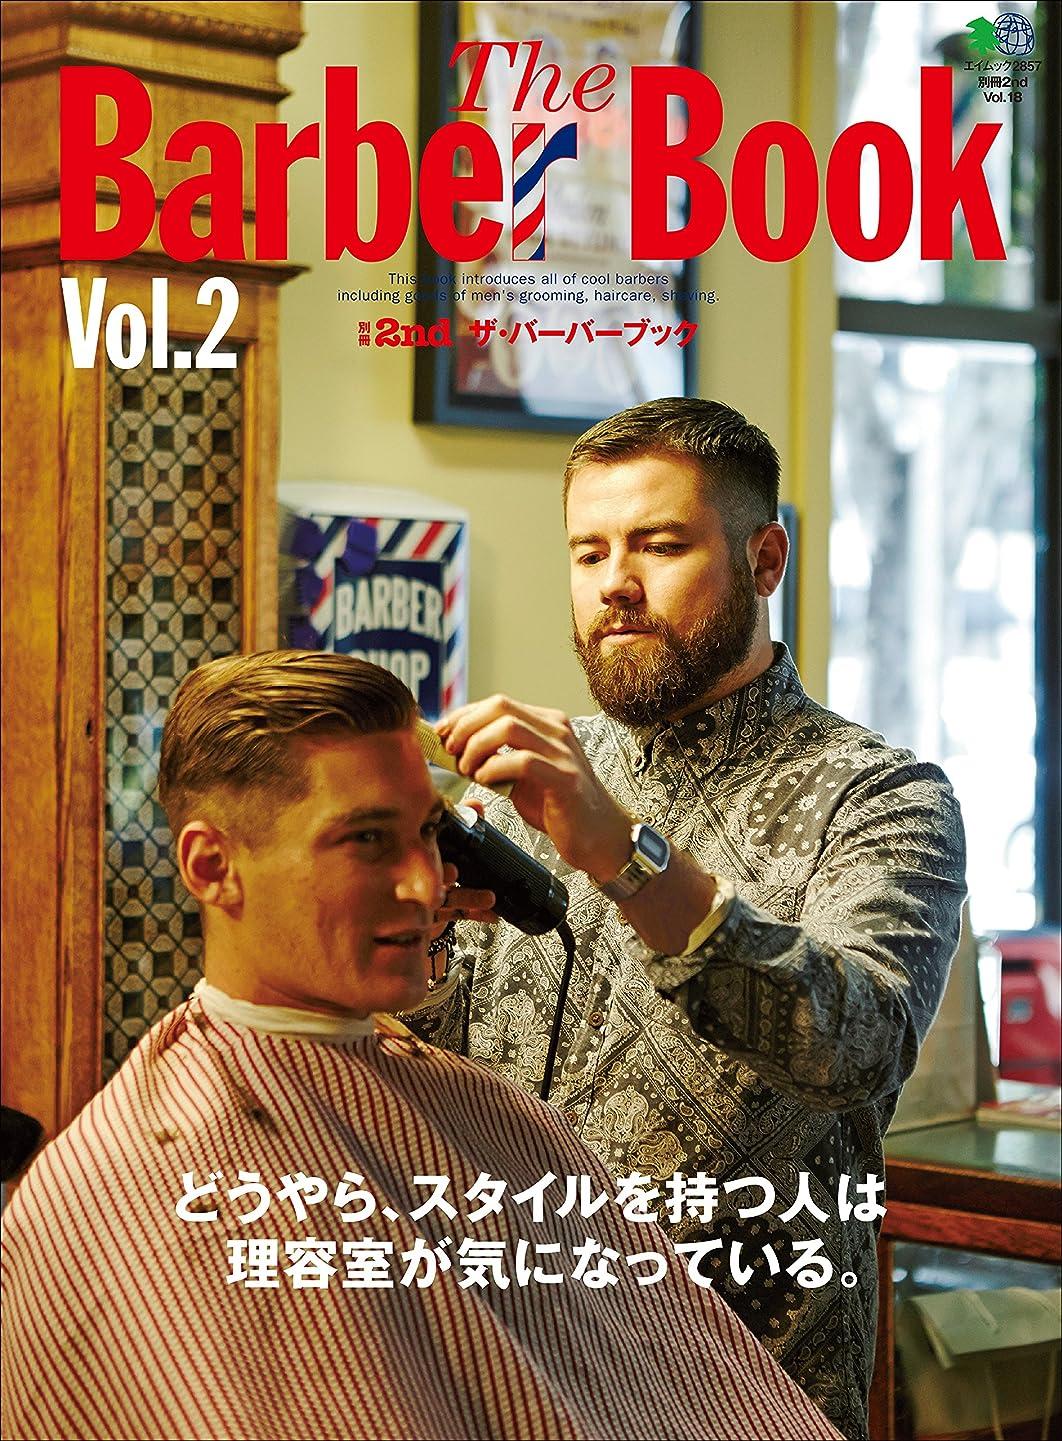 コメント酔ってコークス別冊2nd Vol.18 The Barber Book Vol.2[雑誌]